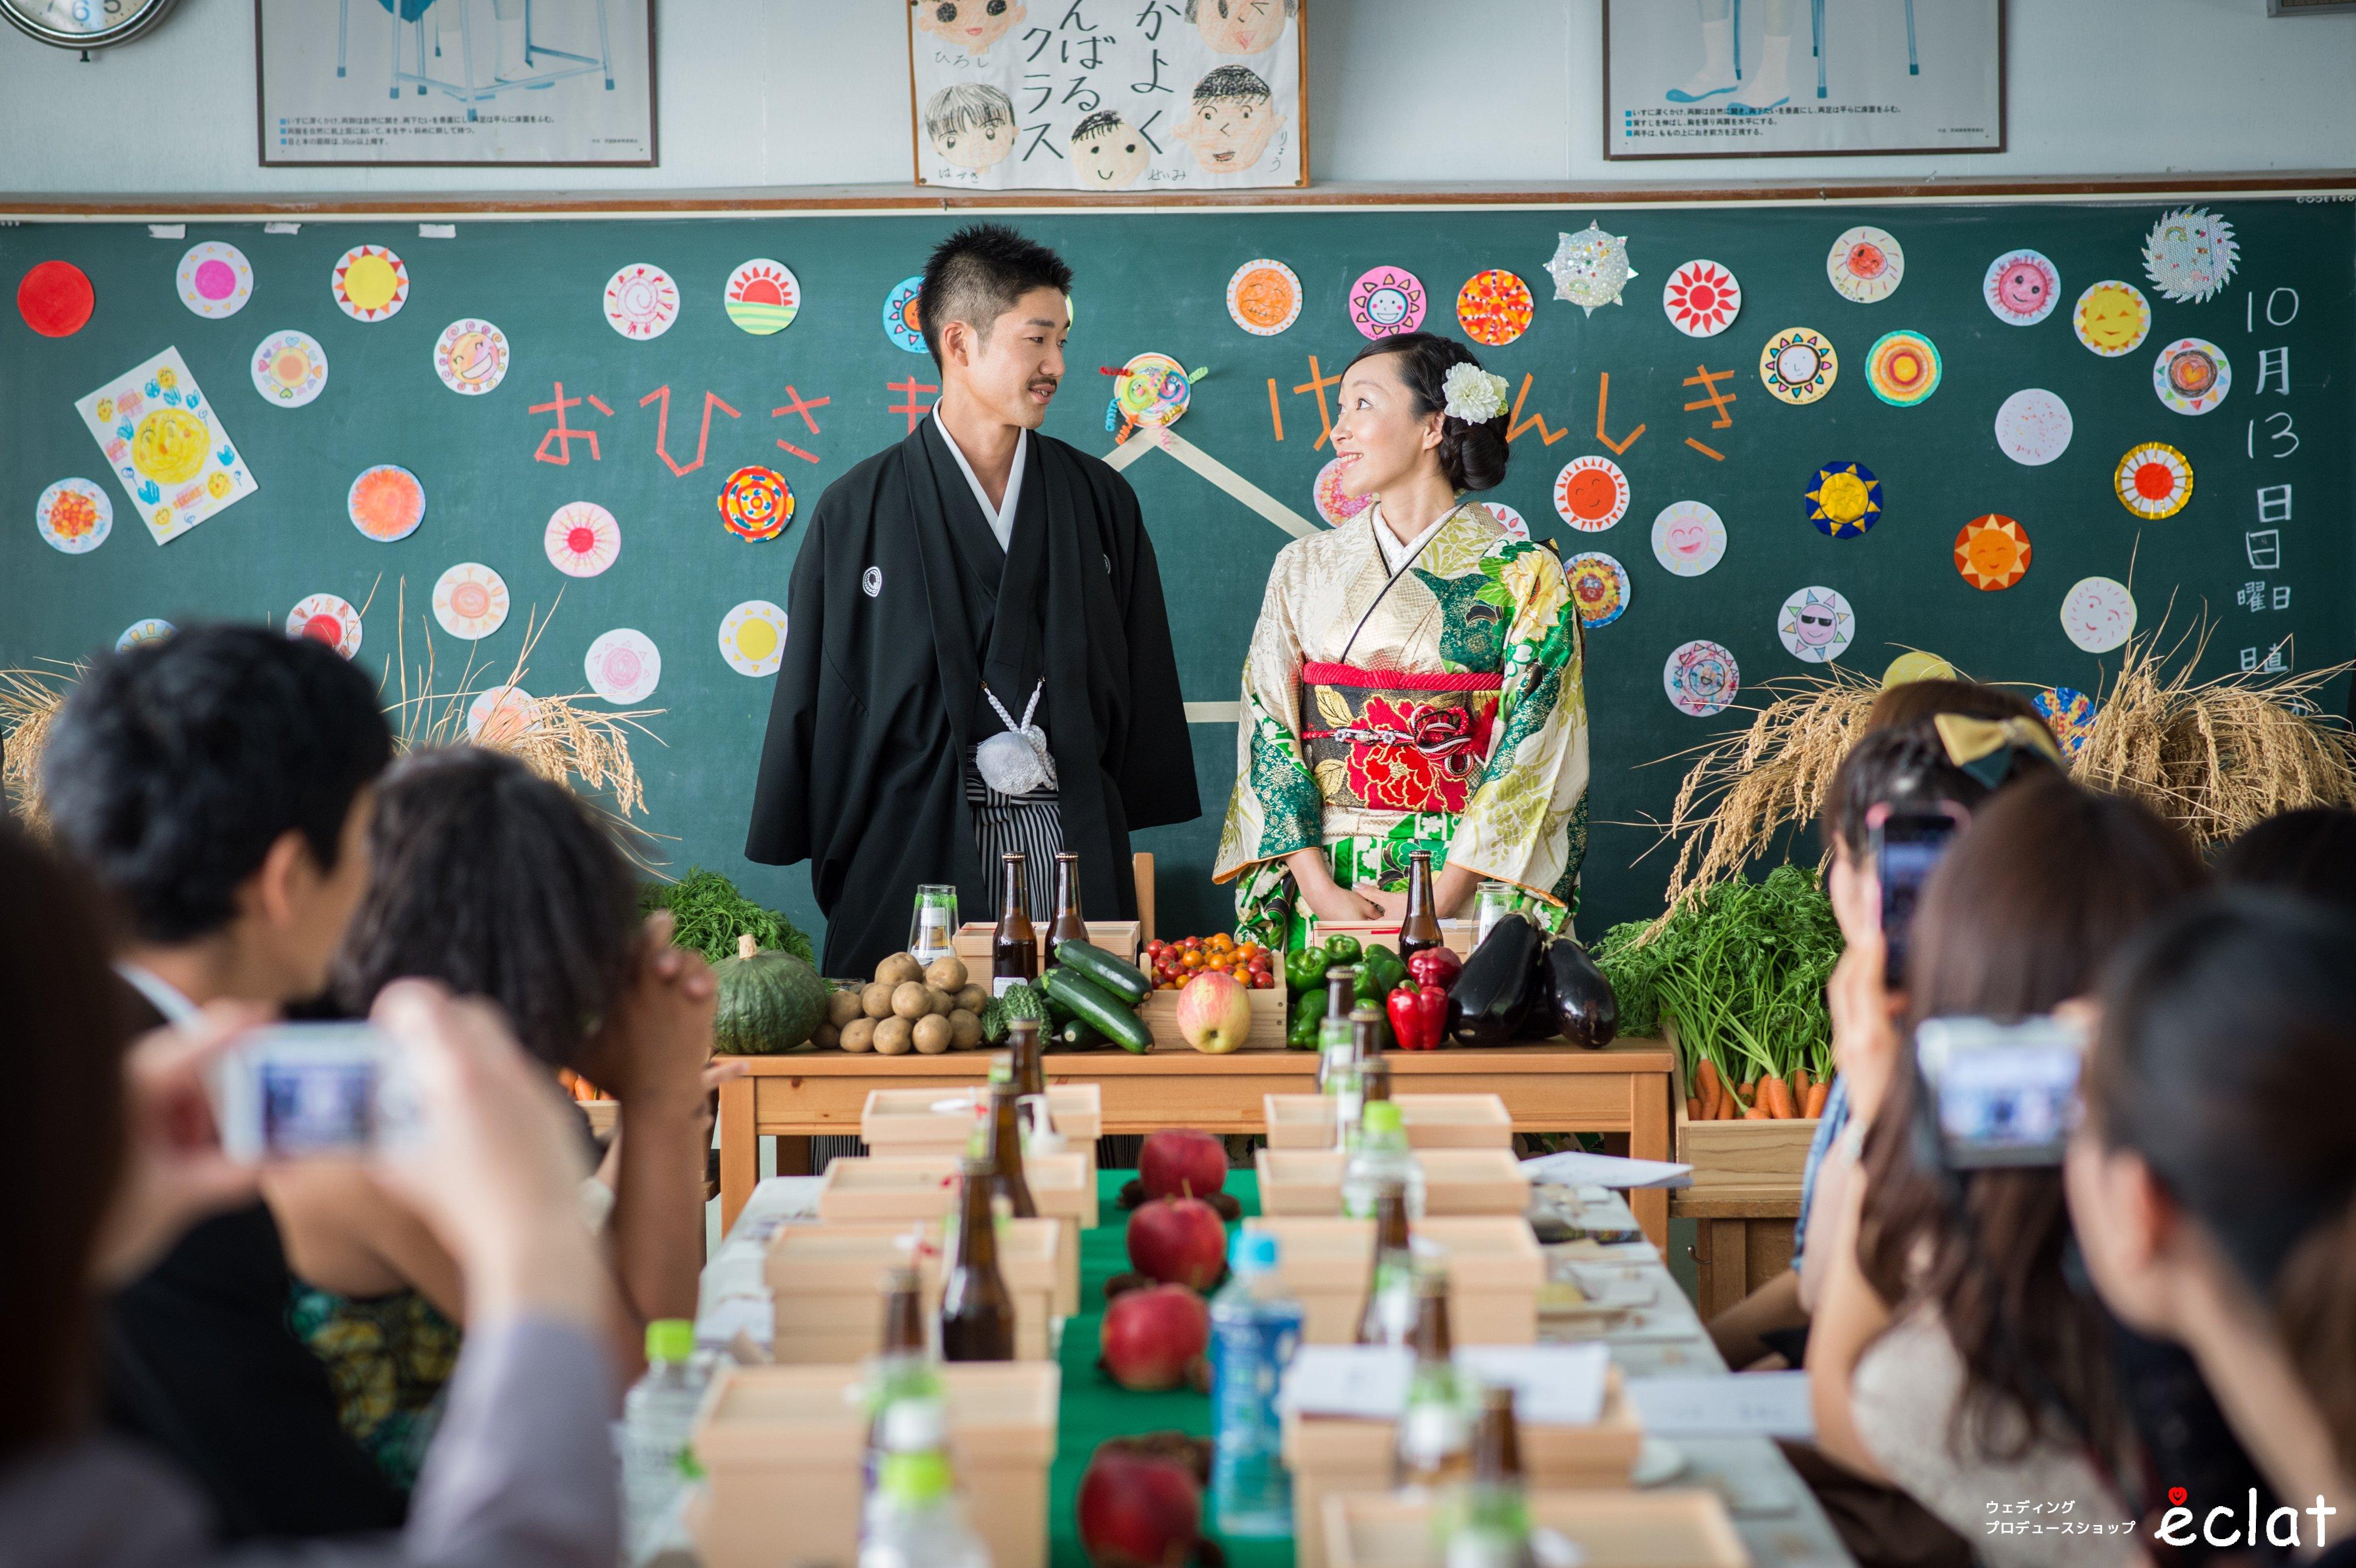 水戸 茨城 結婚式 おひさま結婚式 オーダーウエディング 自由 オリジナル 和婚 学校